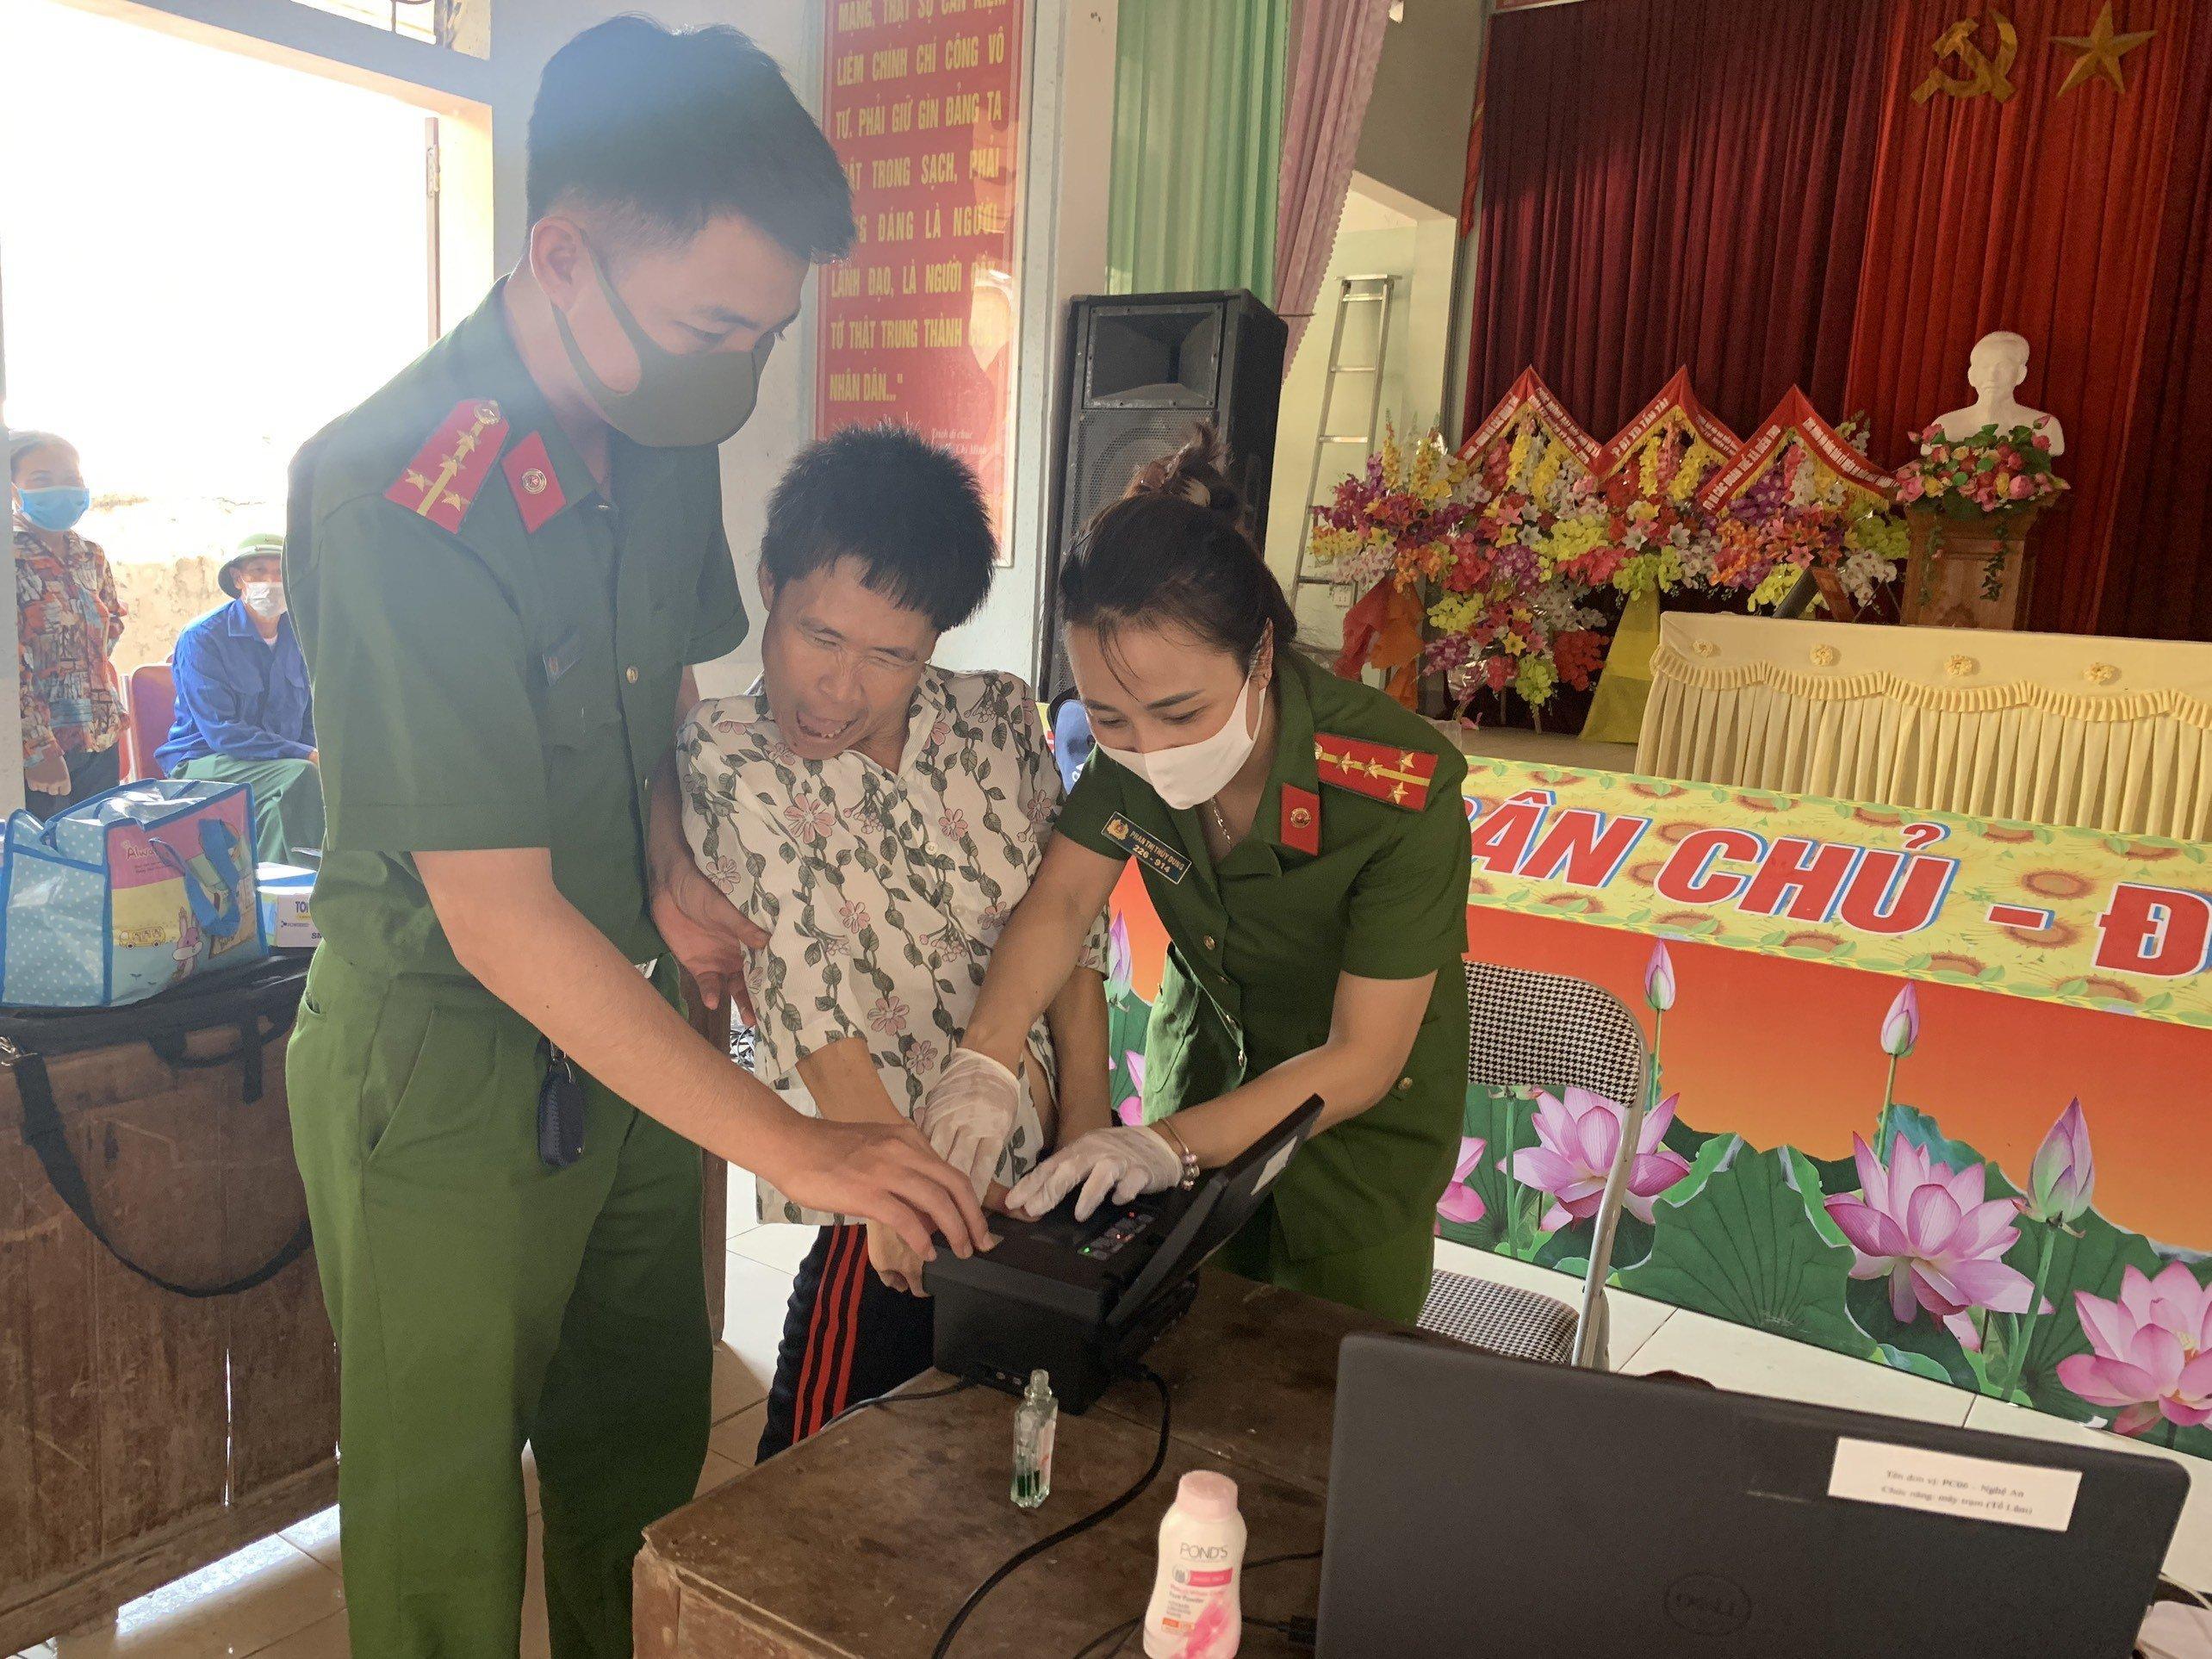 Xúc động nhật ký Đại úy công an viết cho con trong chiến dịch làm CCCD Ảnh 2